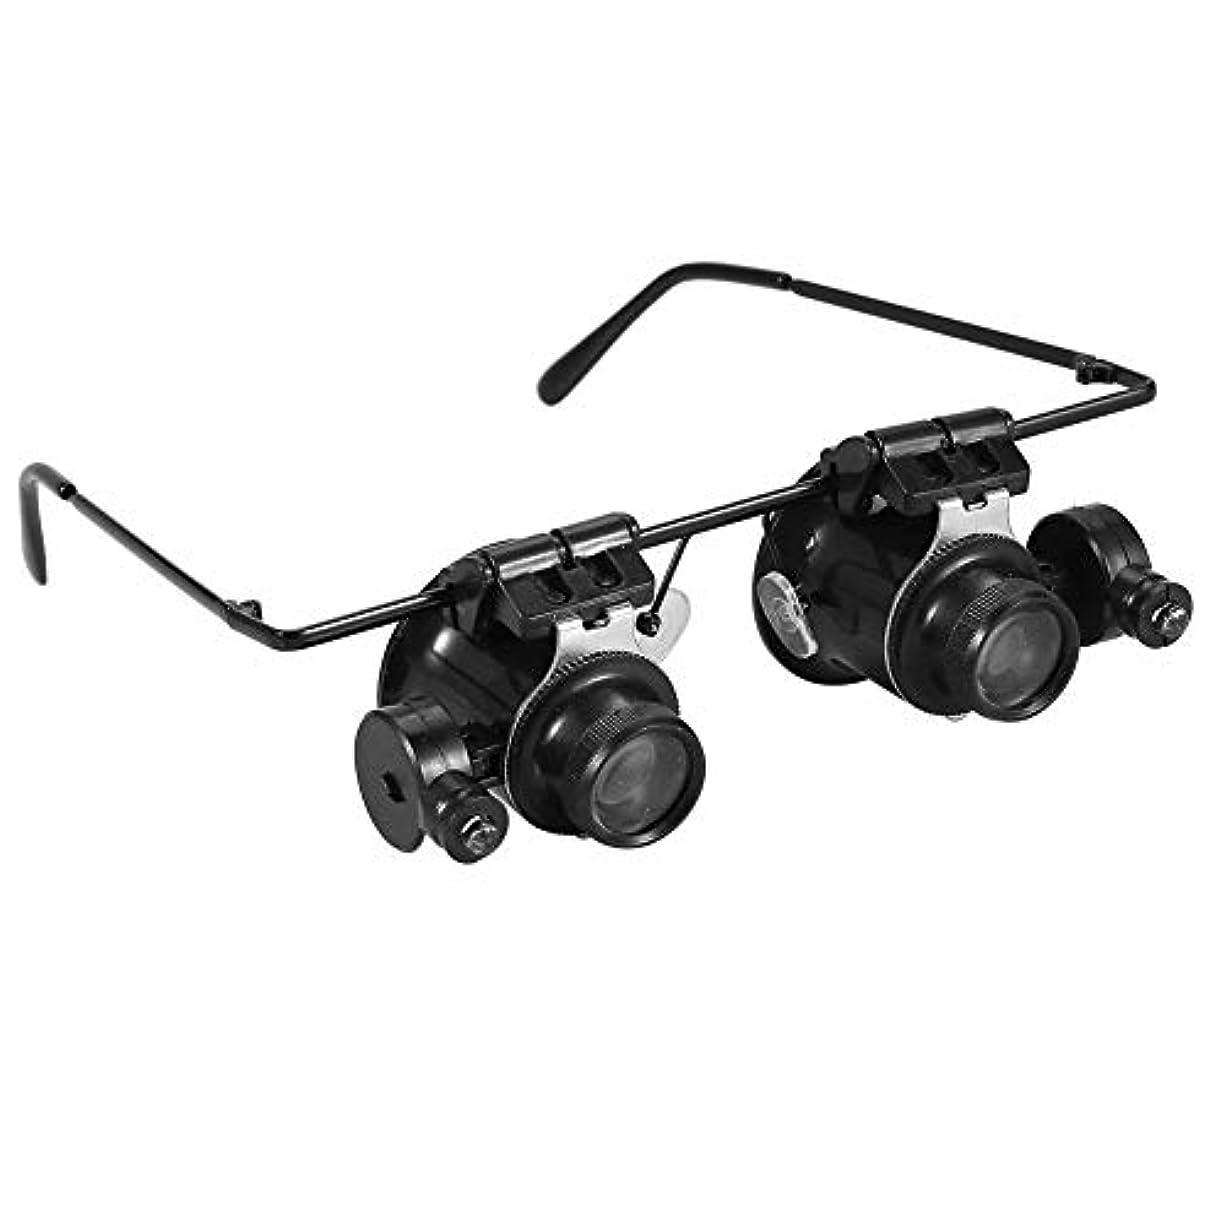 おとうさんアナリスト回転するメガネ拡大鏡メガネ20倍拡大鏡宝石商ツールウォッチ修理LEDライトレンズルーペ